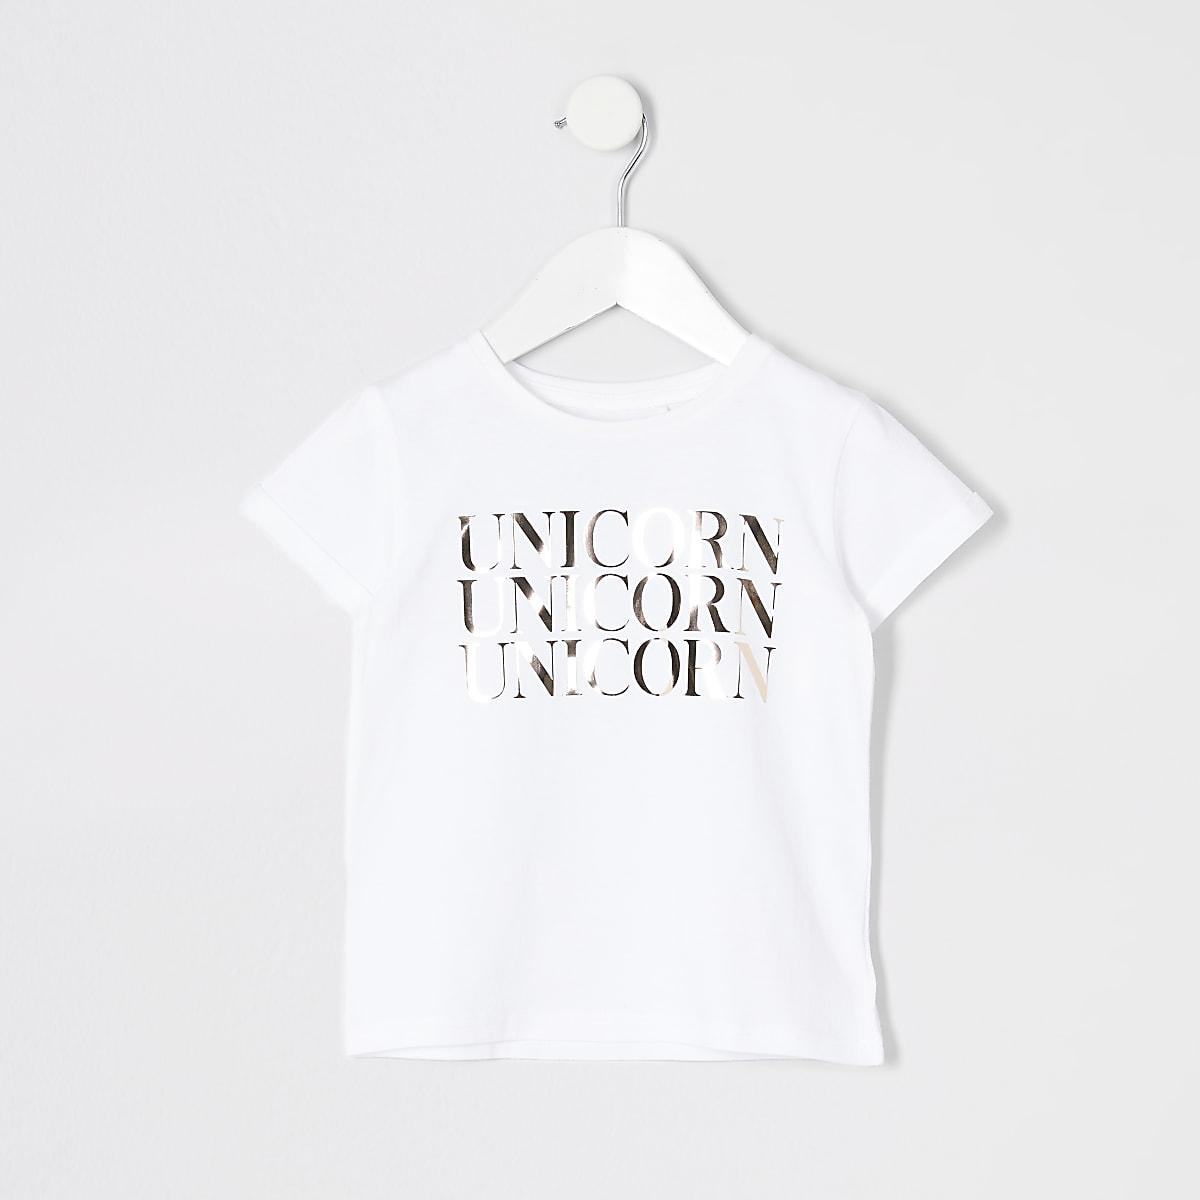 Mini - T-shirt met eenhoorn in spiegelfolie voor meisjes